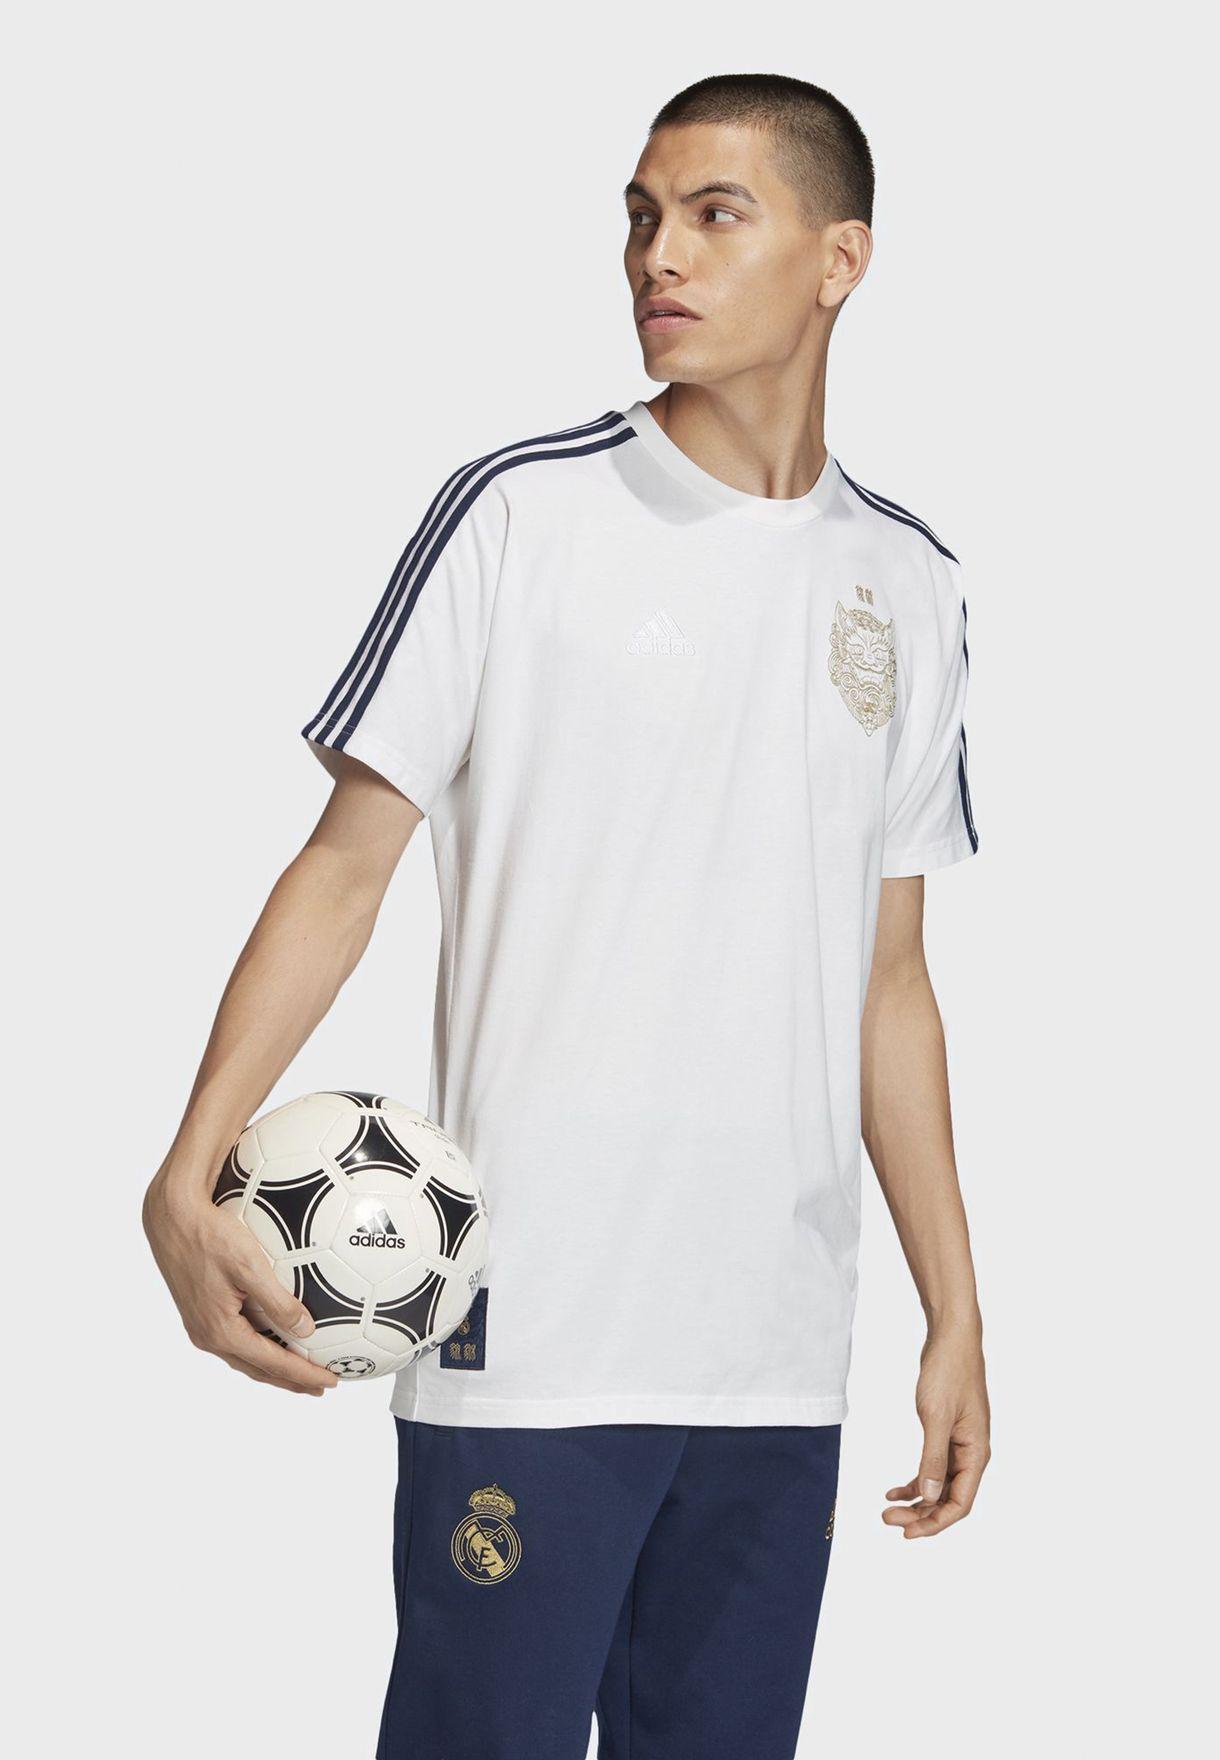 تيشيرت بشعار ريال مدريد